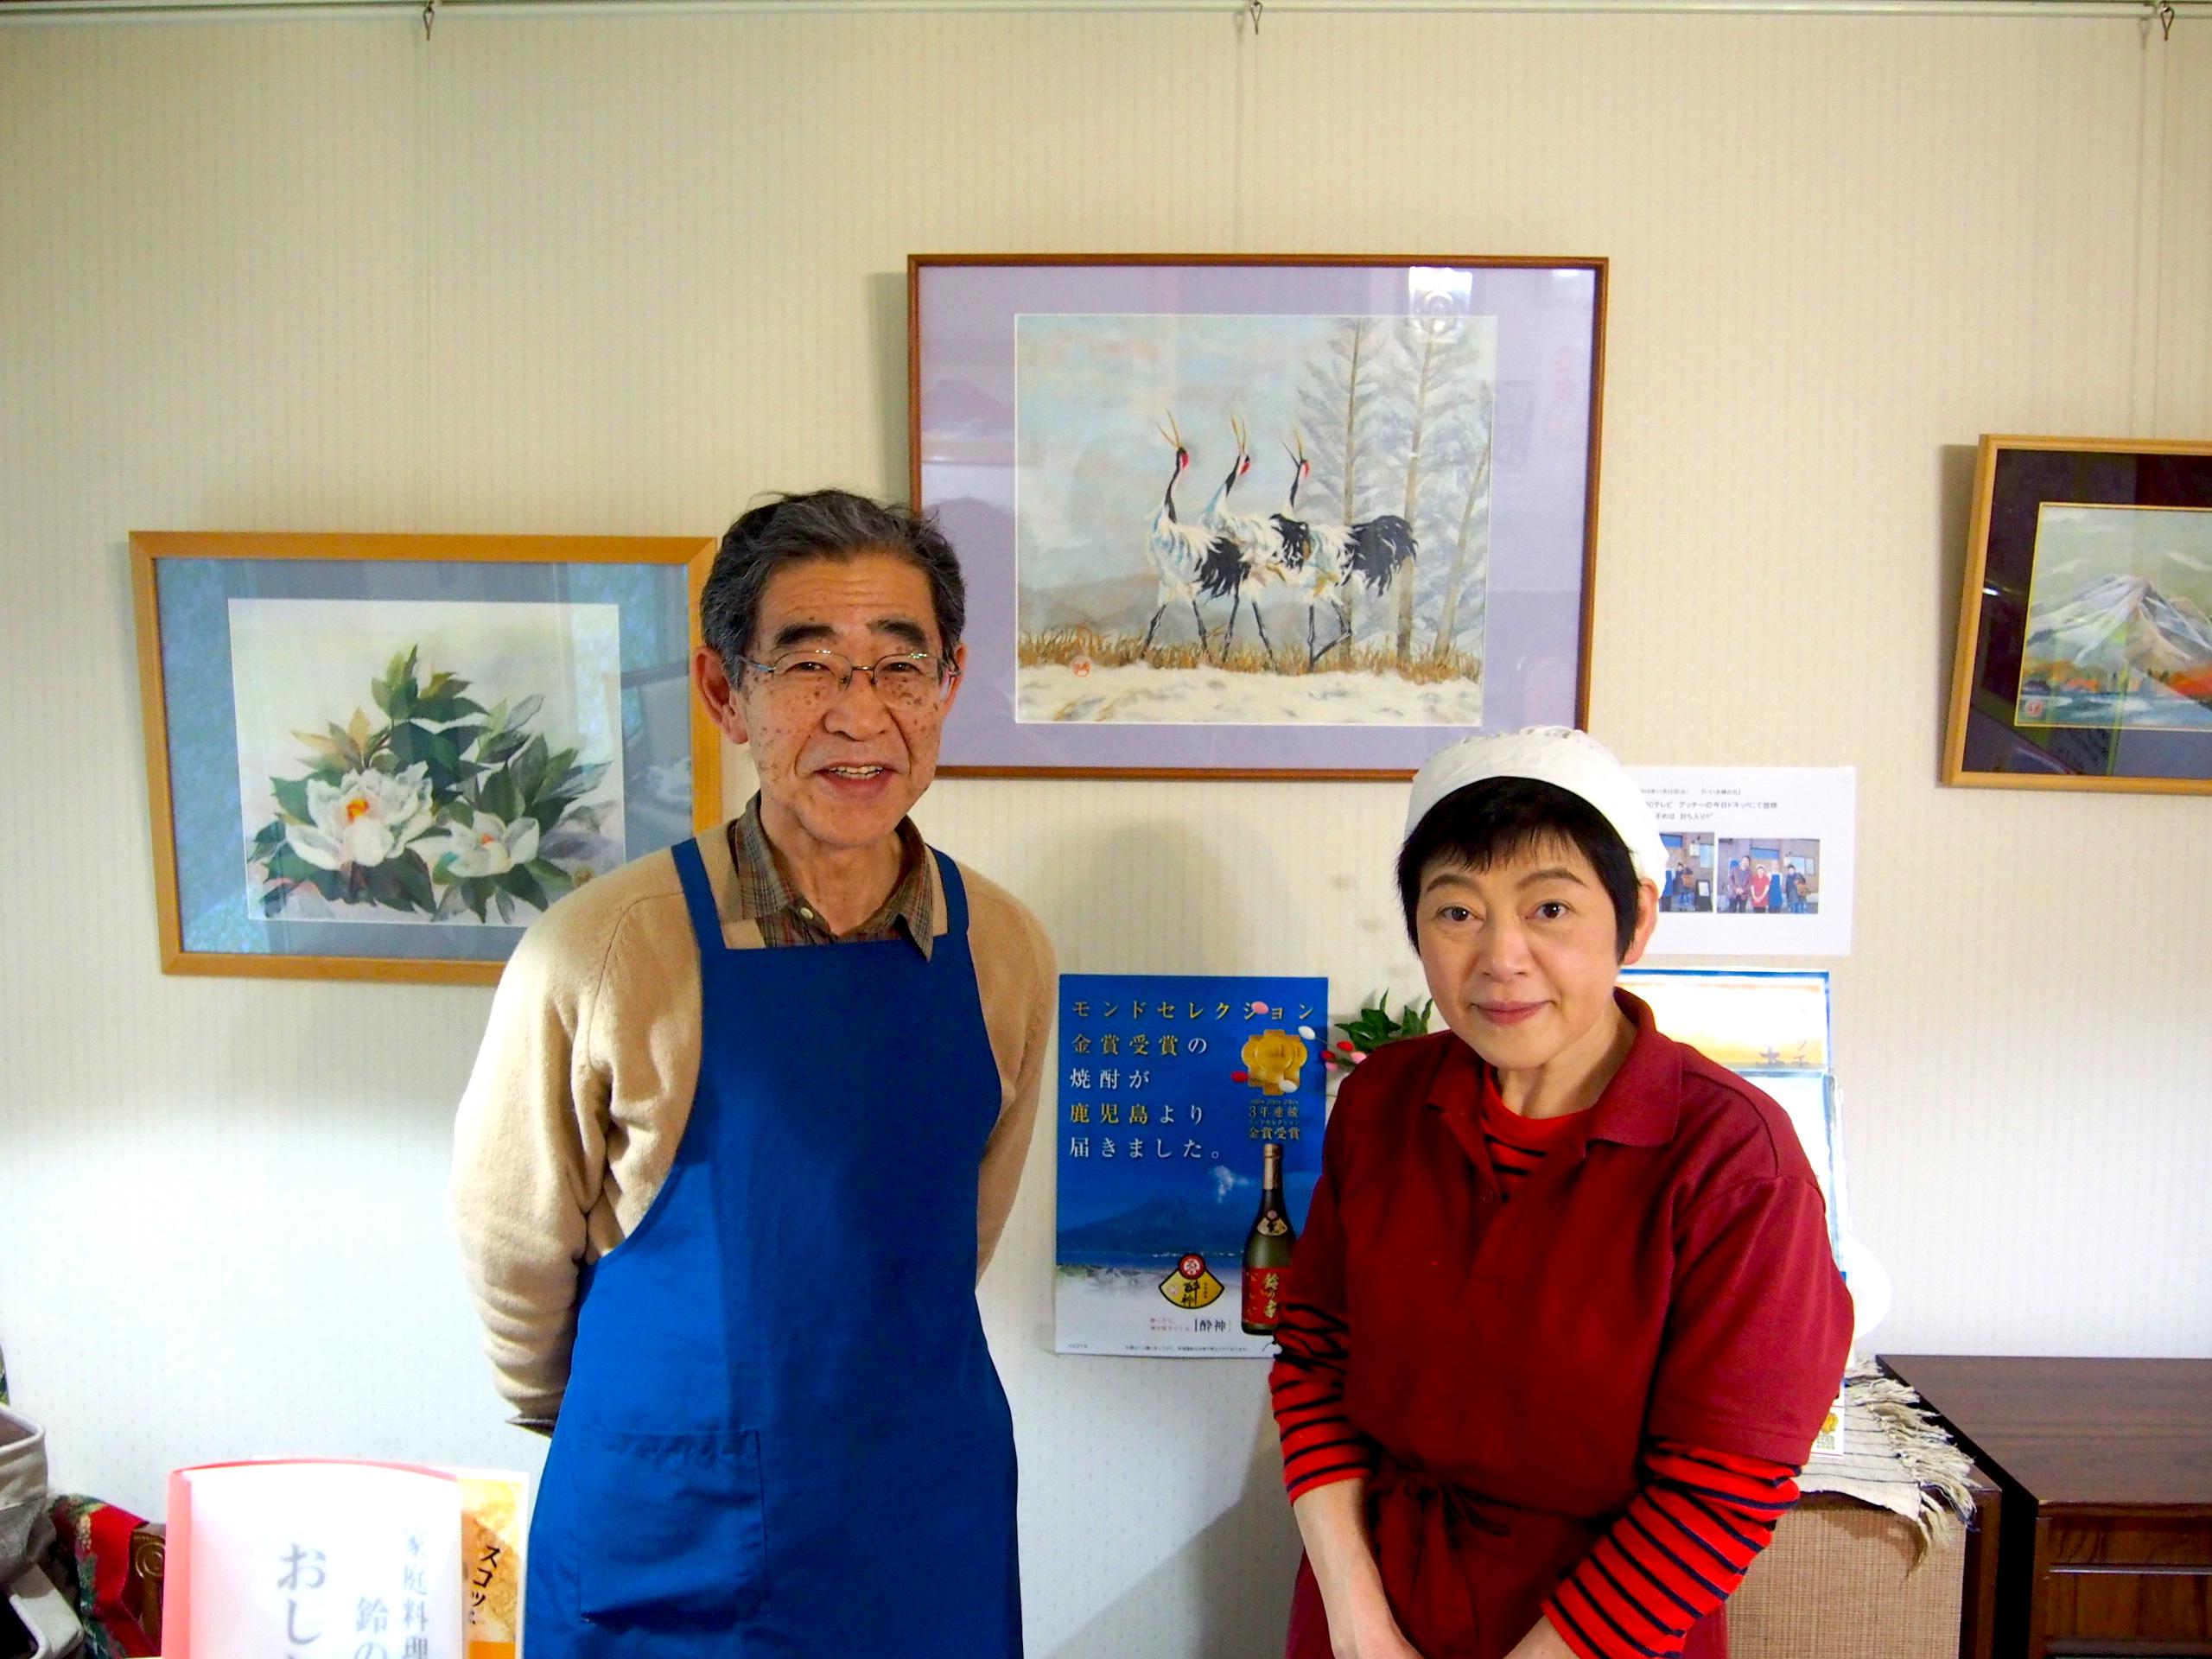 札幌ゲストハウスyuyuのご近所さん、「鈴の家」のご夫婦